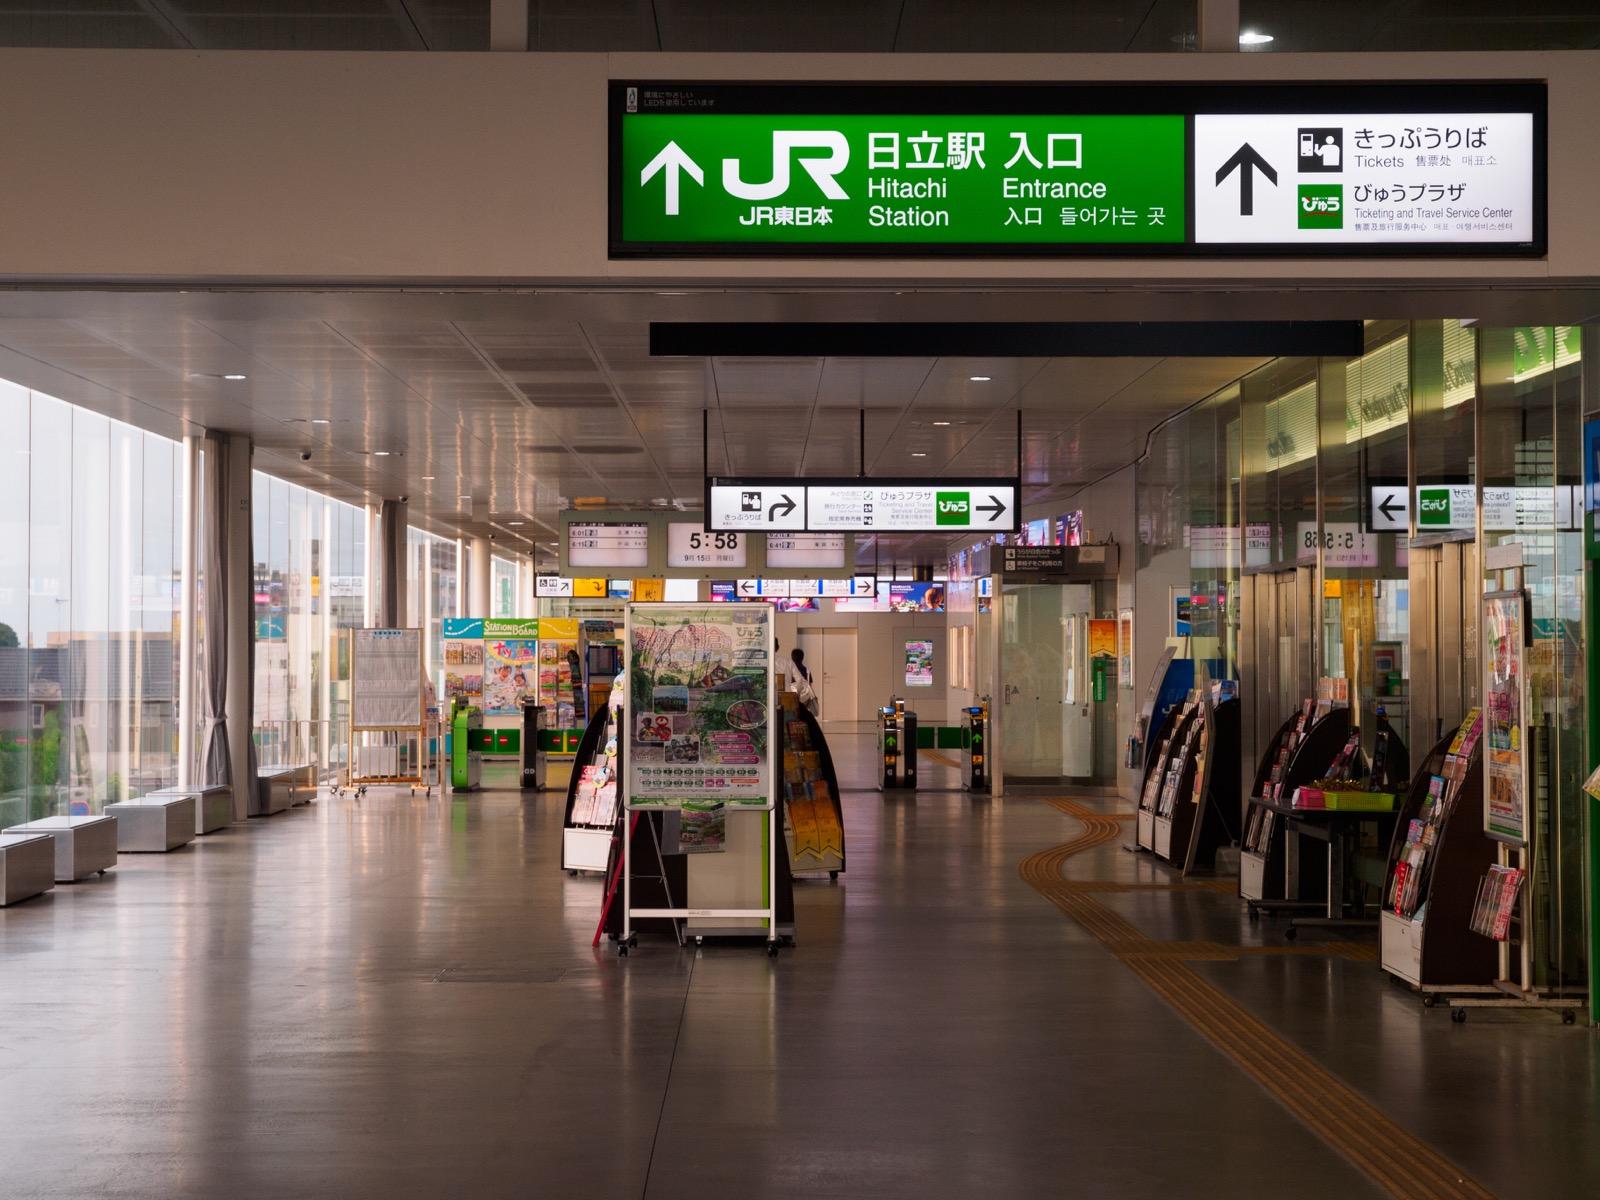 日立駅の改札口